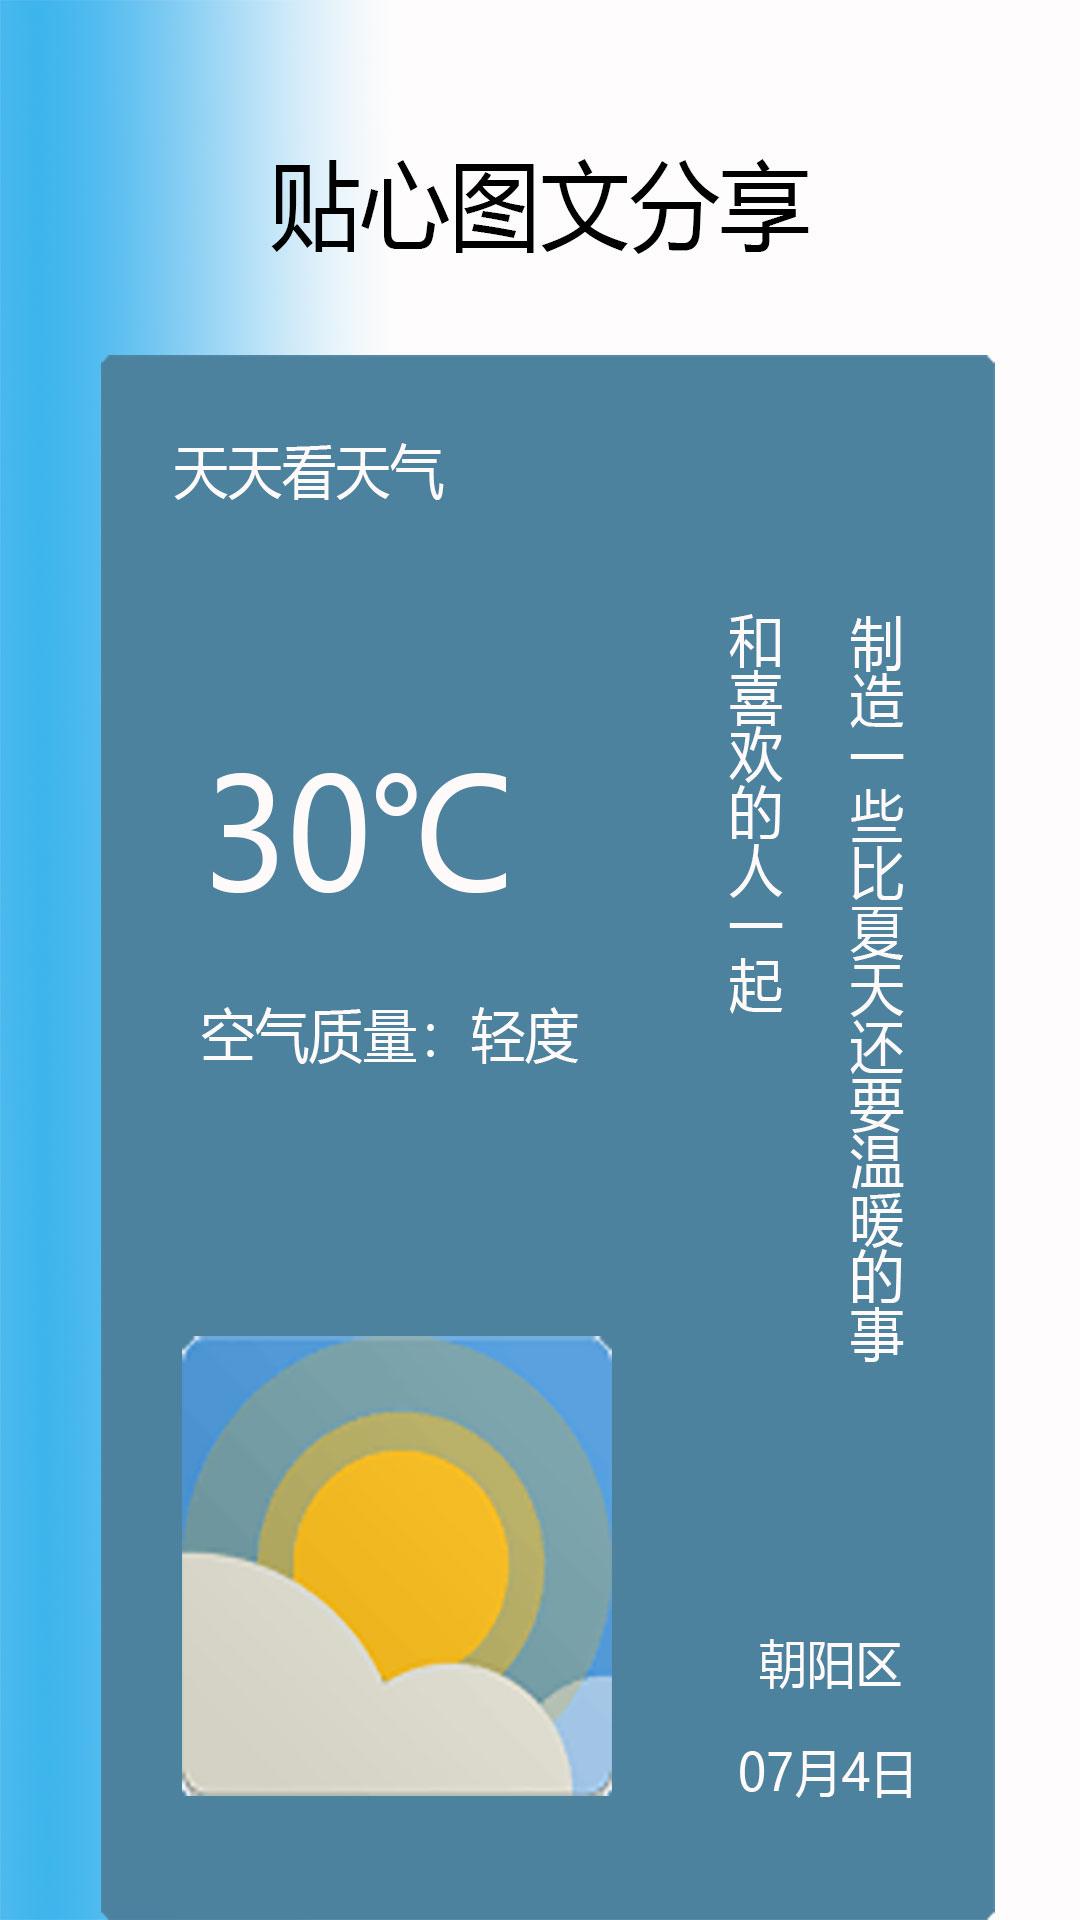 天天看天气(2)